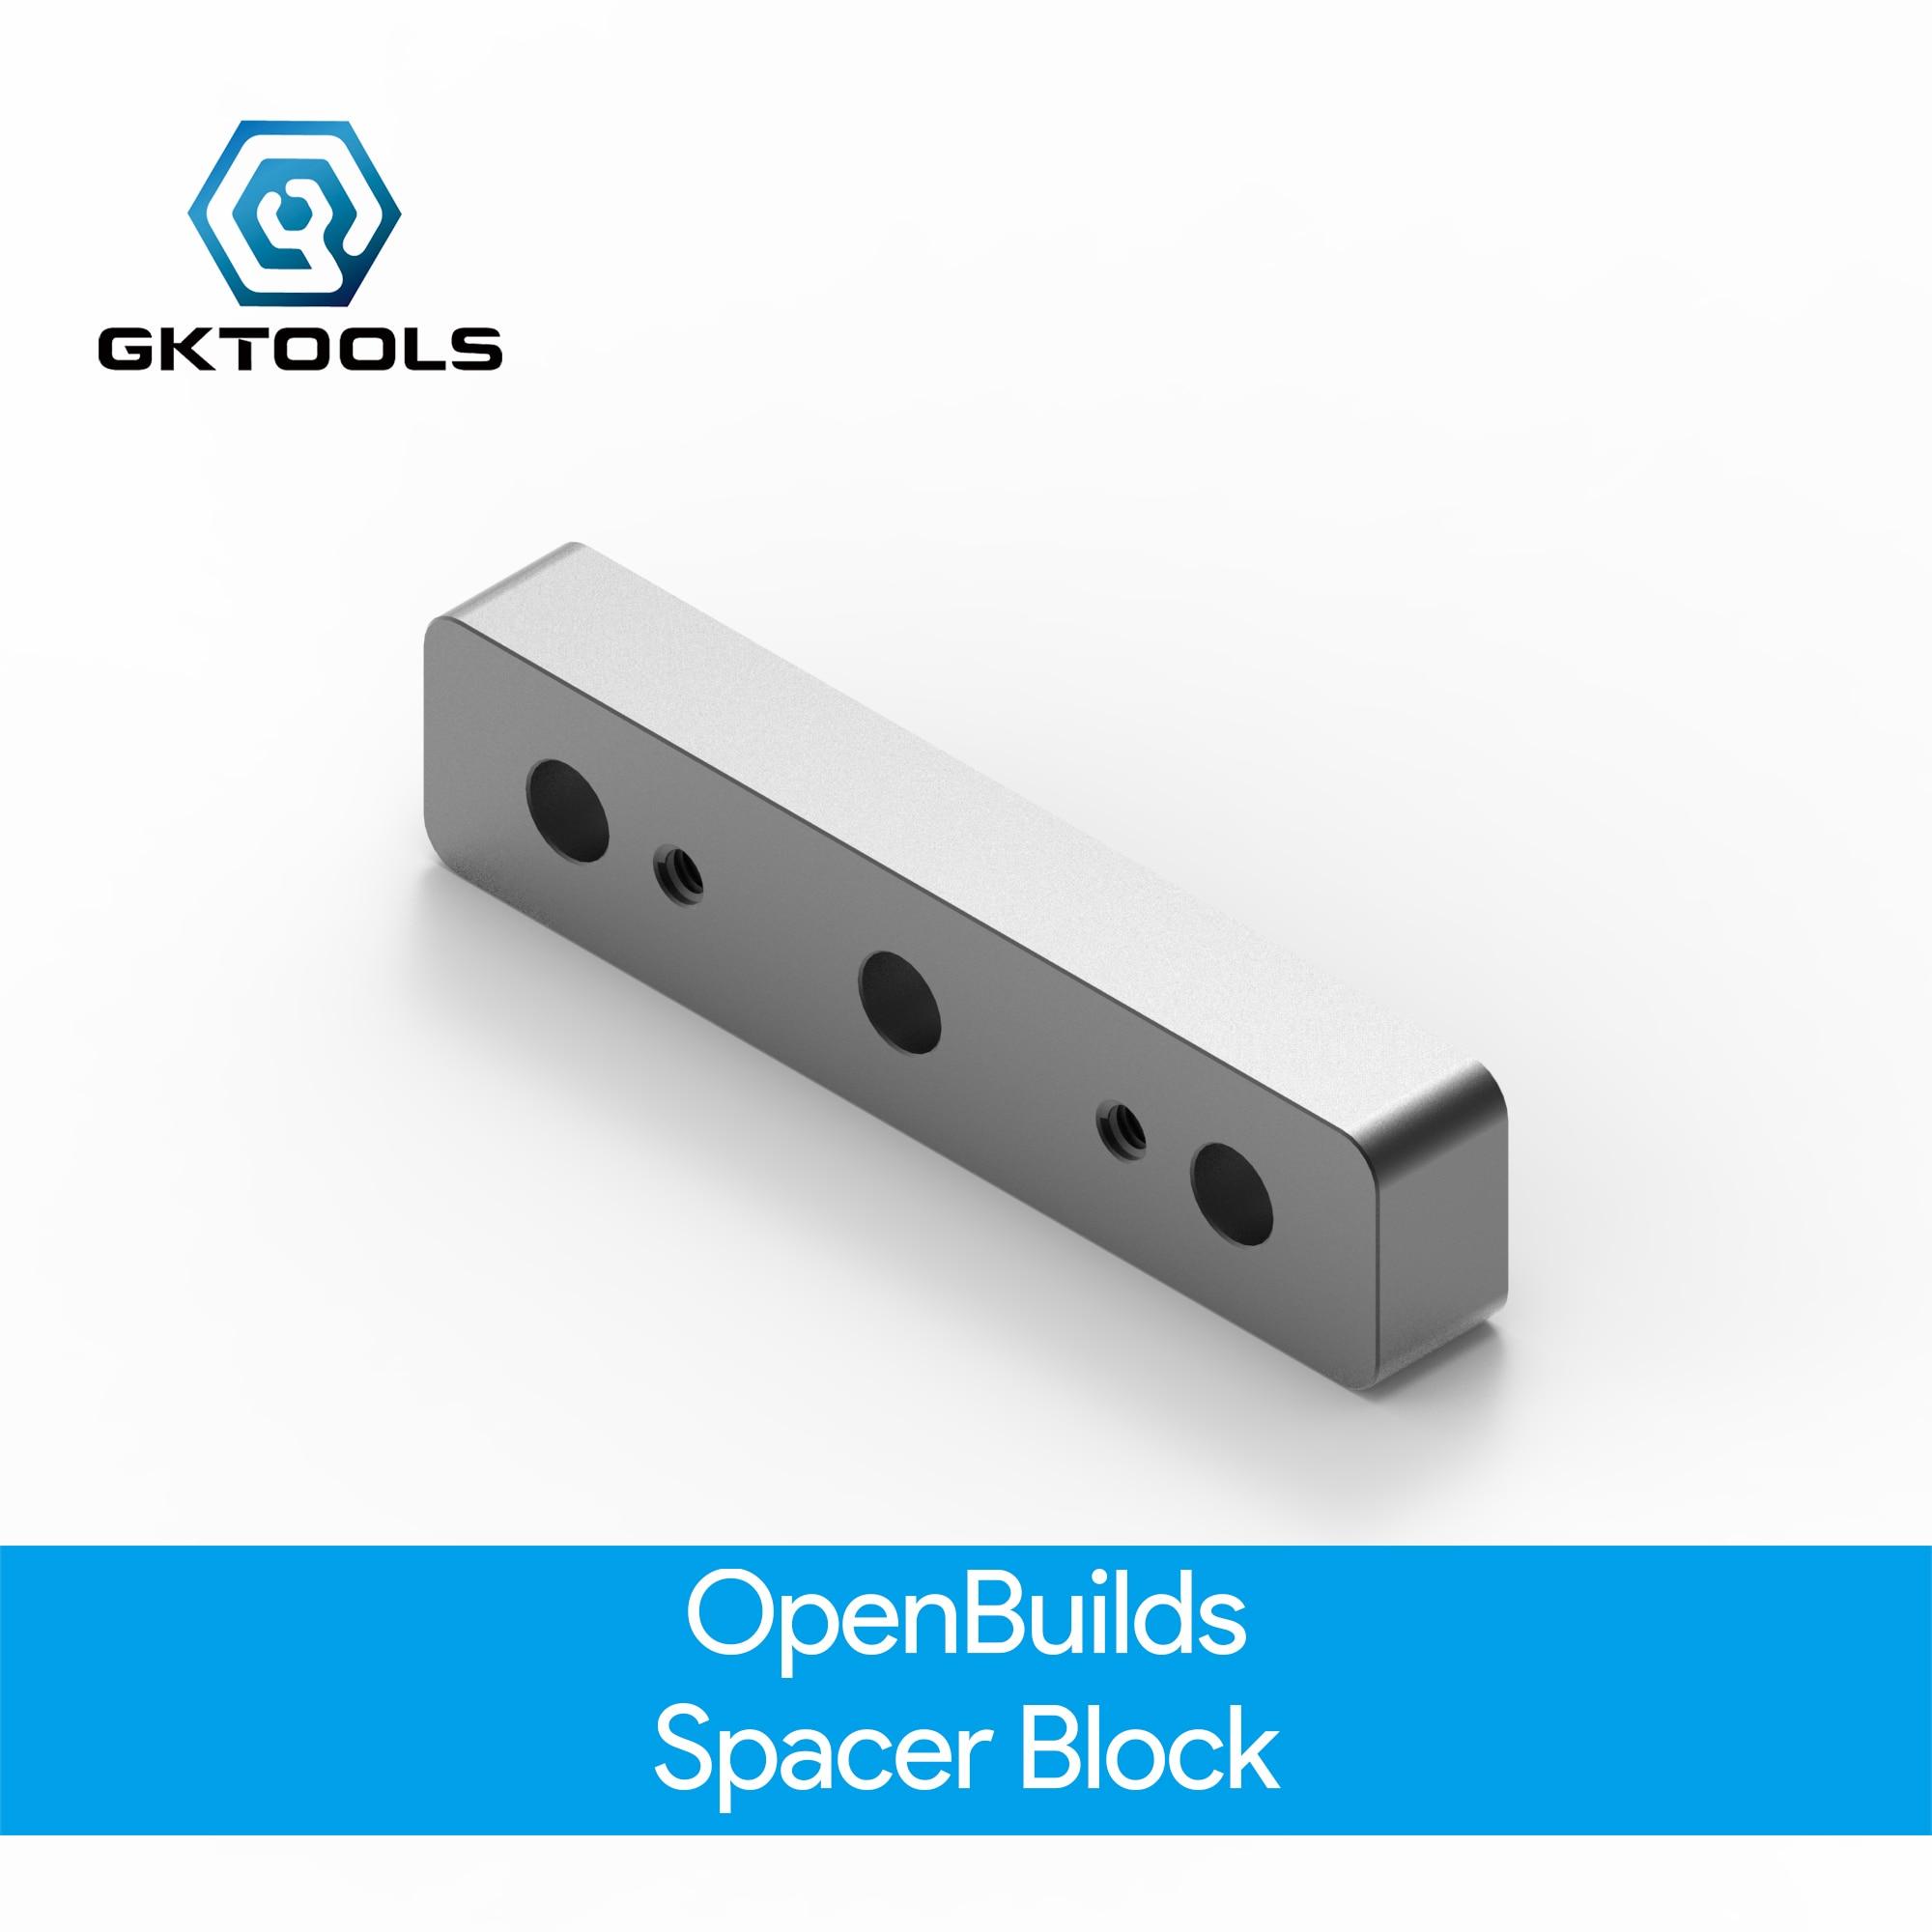 OpenBuilds Spacer Block